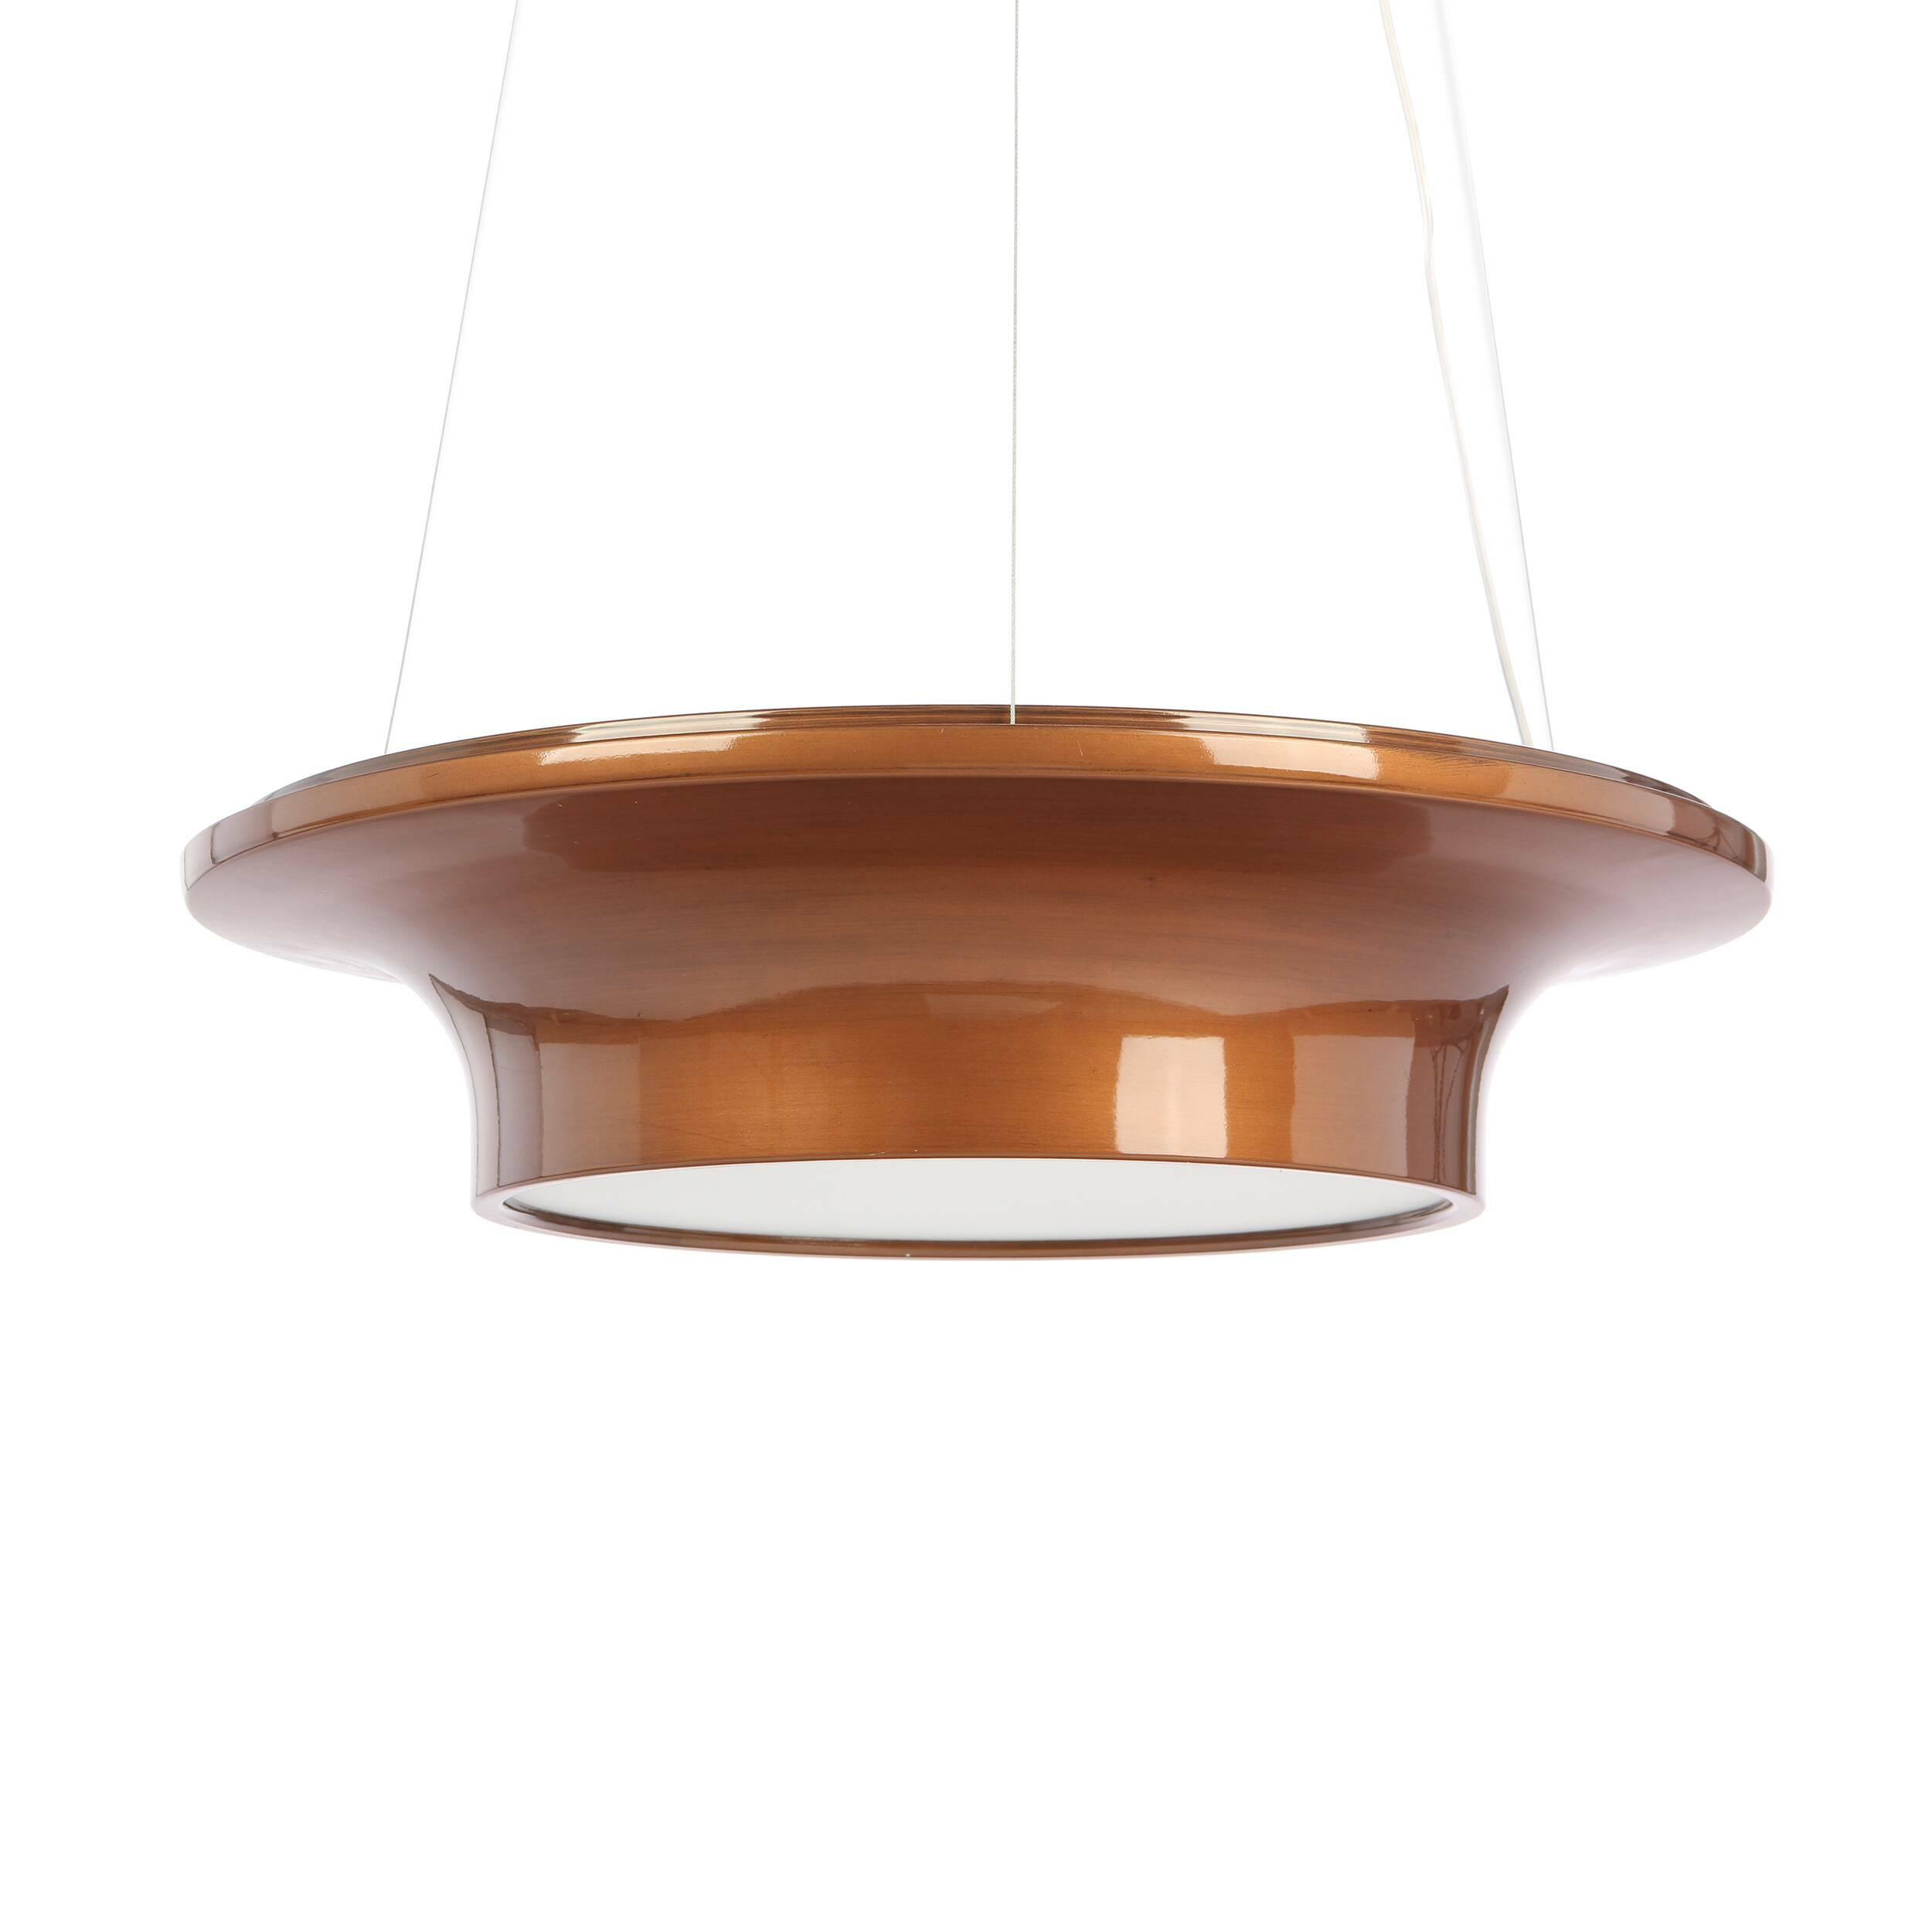 Подвесной светильник Maserlo диаметр 55Подвесные<br>Индустриальный стиль с ненавязчивым присутствием гламура и роскоши – именно таким дизайнеры сделали подвесной светильник Maserlo диаметр 55. Модель выполнена в минималистичном формате, но при этом легко украсит собой даже самую роскошную комнату.<br><br><br> Ультрасовременный стиль этой модели особенно интересно подчеркивается материалами, из которых она изготавливается. Сталь в сочетании со стеклом стала современным трендом в мире оформления интерьеров – это сочетание можно встретить практиче...<br><br>stock: 3<br>Высота: 120<br>Диаметр: 55<br>Количество ламп: 4<br>Материал абажура: Стекло<br>Материал арматуры: Сталь<br>Мощность лампы: 40<br>Ламп в комплекте: Нет<br>Напряжение: 220<br>Тип лампы/цоколь: E14<br>Цвет абажура: Бронза красная матовая<br>Цвет арматуры: Бронза красная матовая